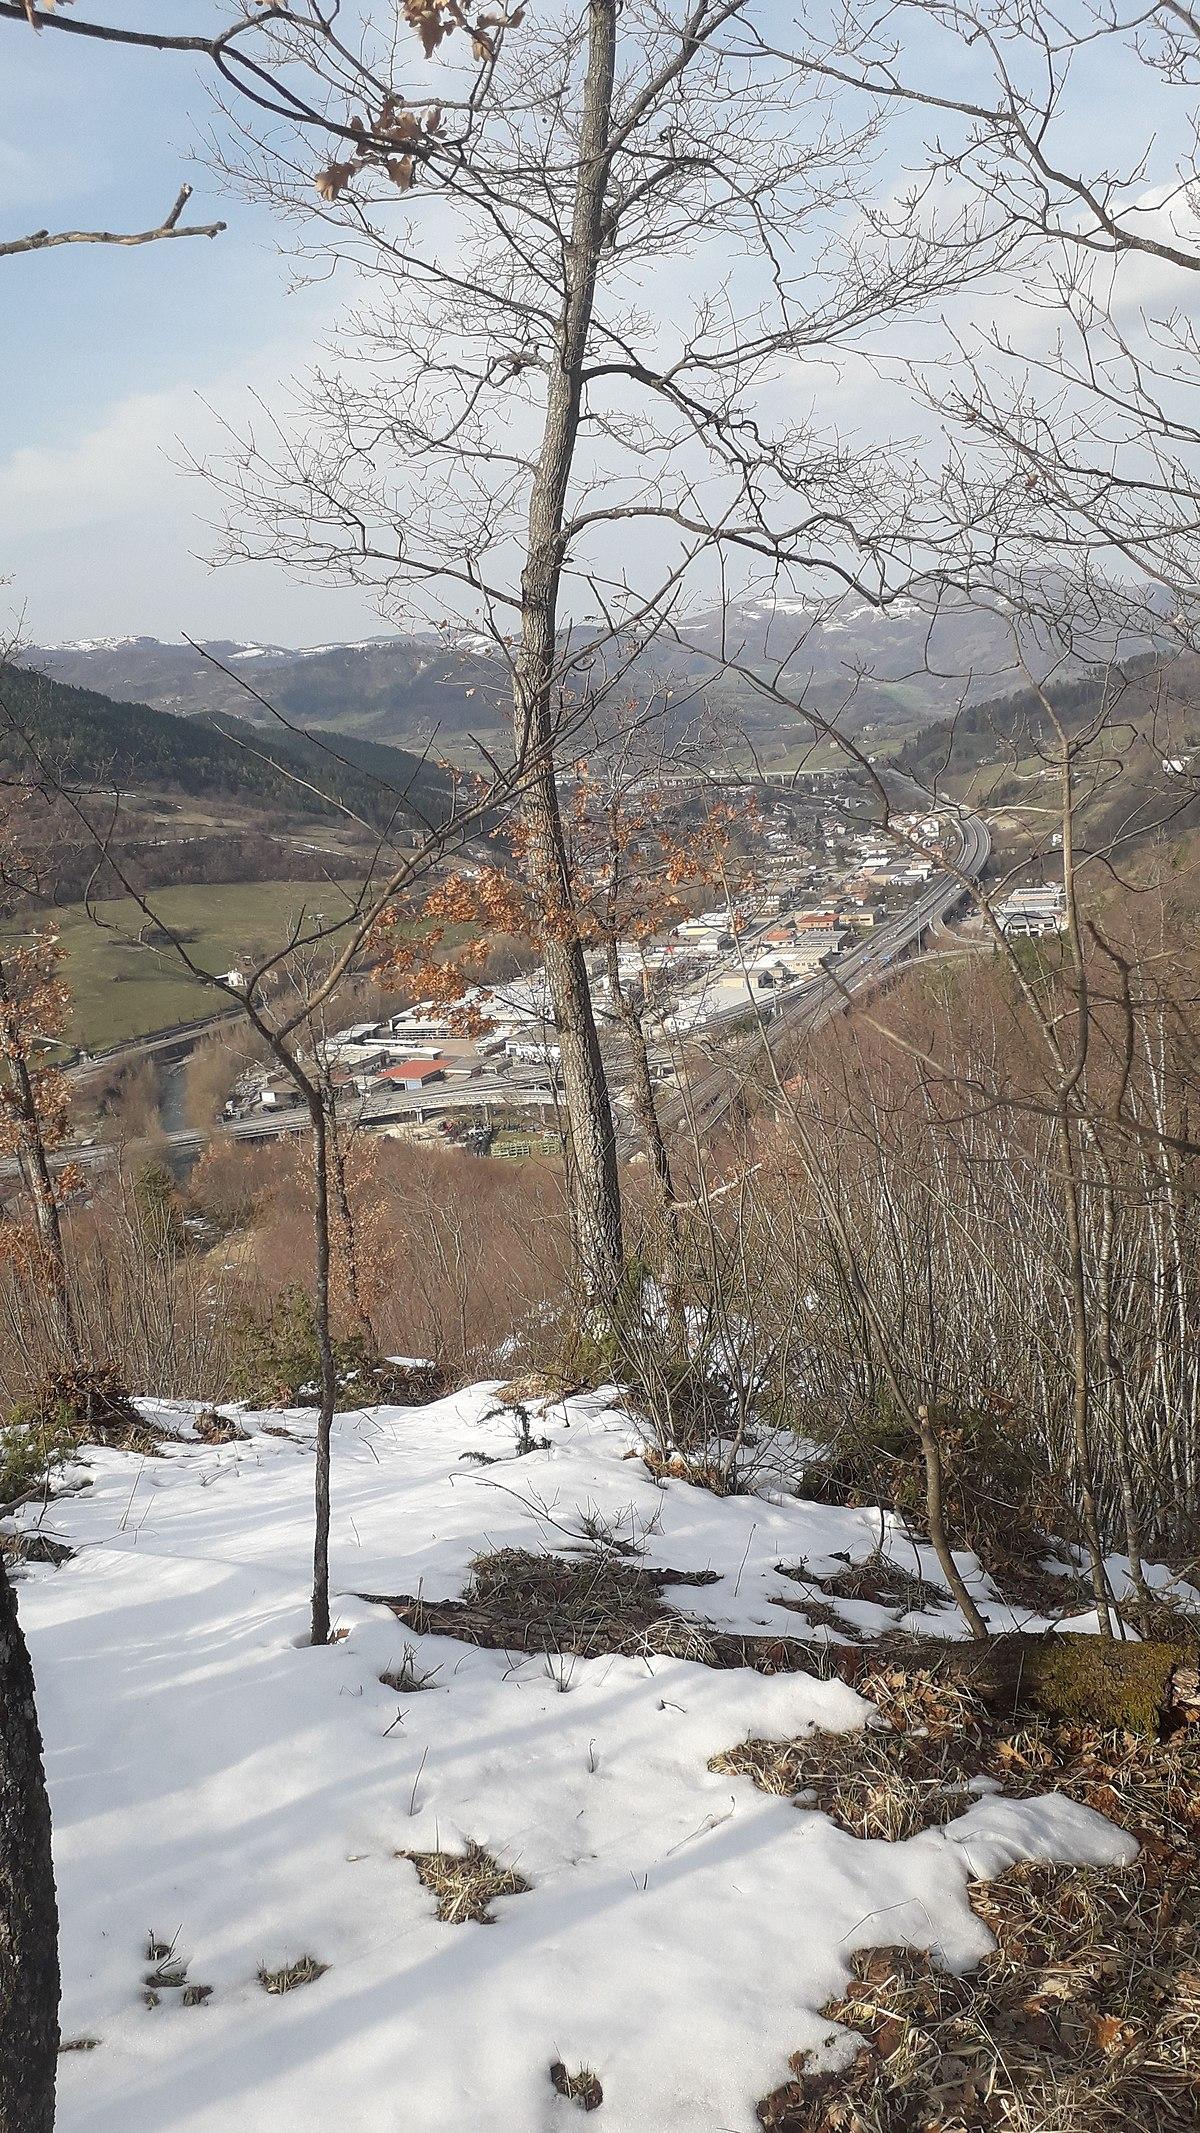 San piero in bagno wikipedia - Bagno di romagna provincia ...